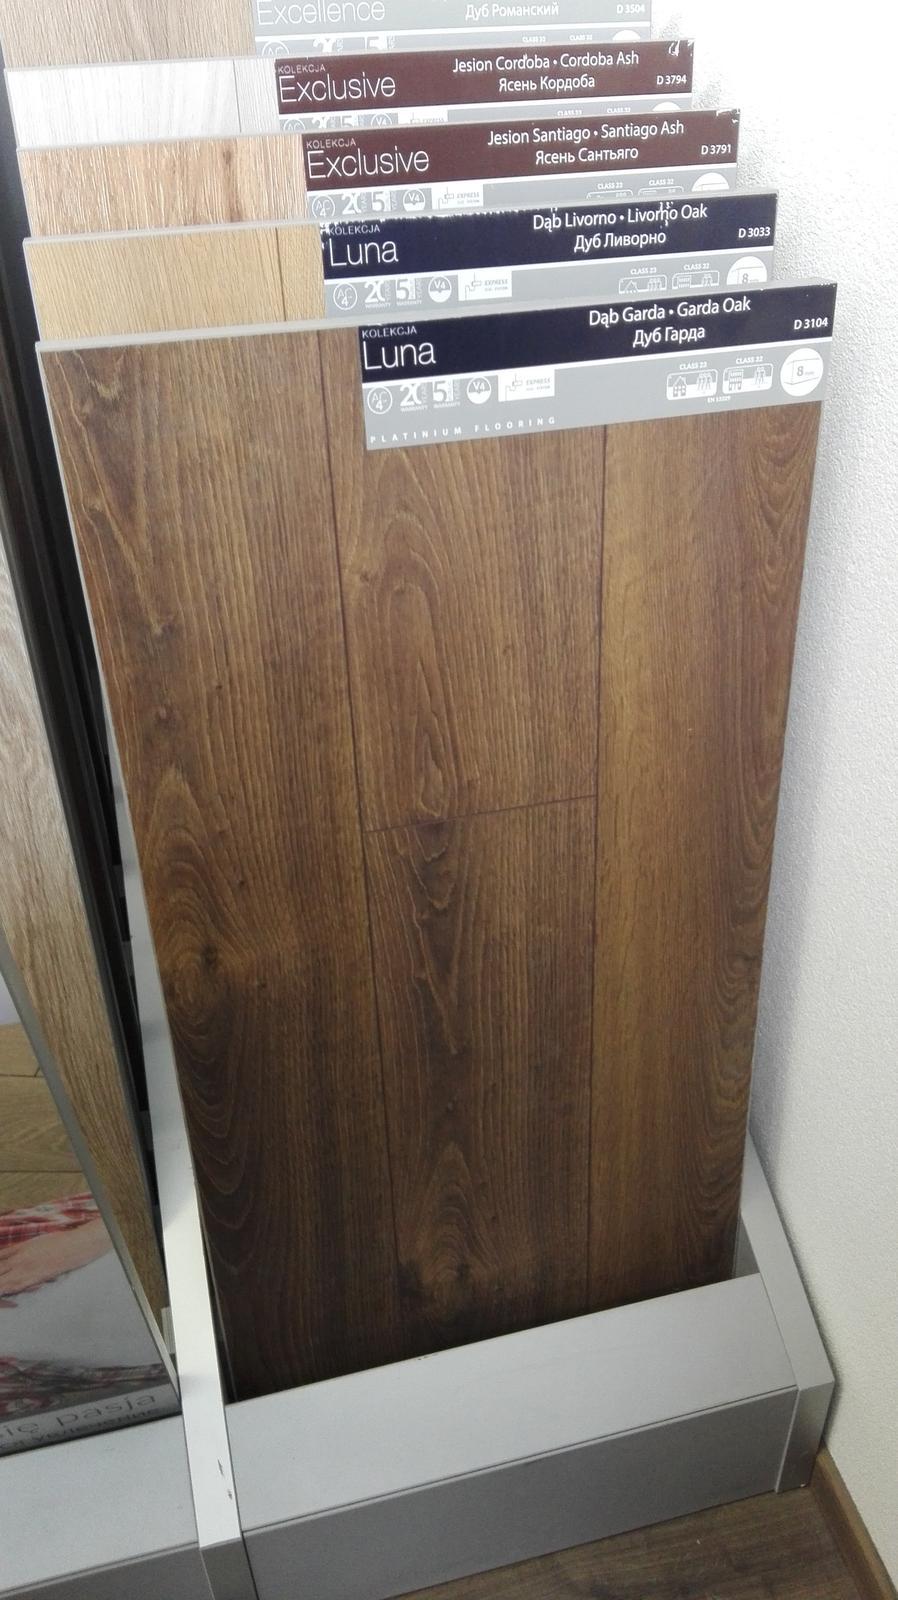 Môj výber do domu ::)) - Objednana AC4, 8 mm....viac sa mi pacila 10 mm, ale zevraj na podlahove kurenie by nemala ist az taka hruba...